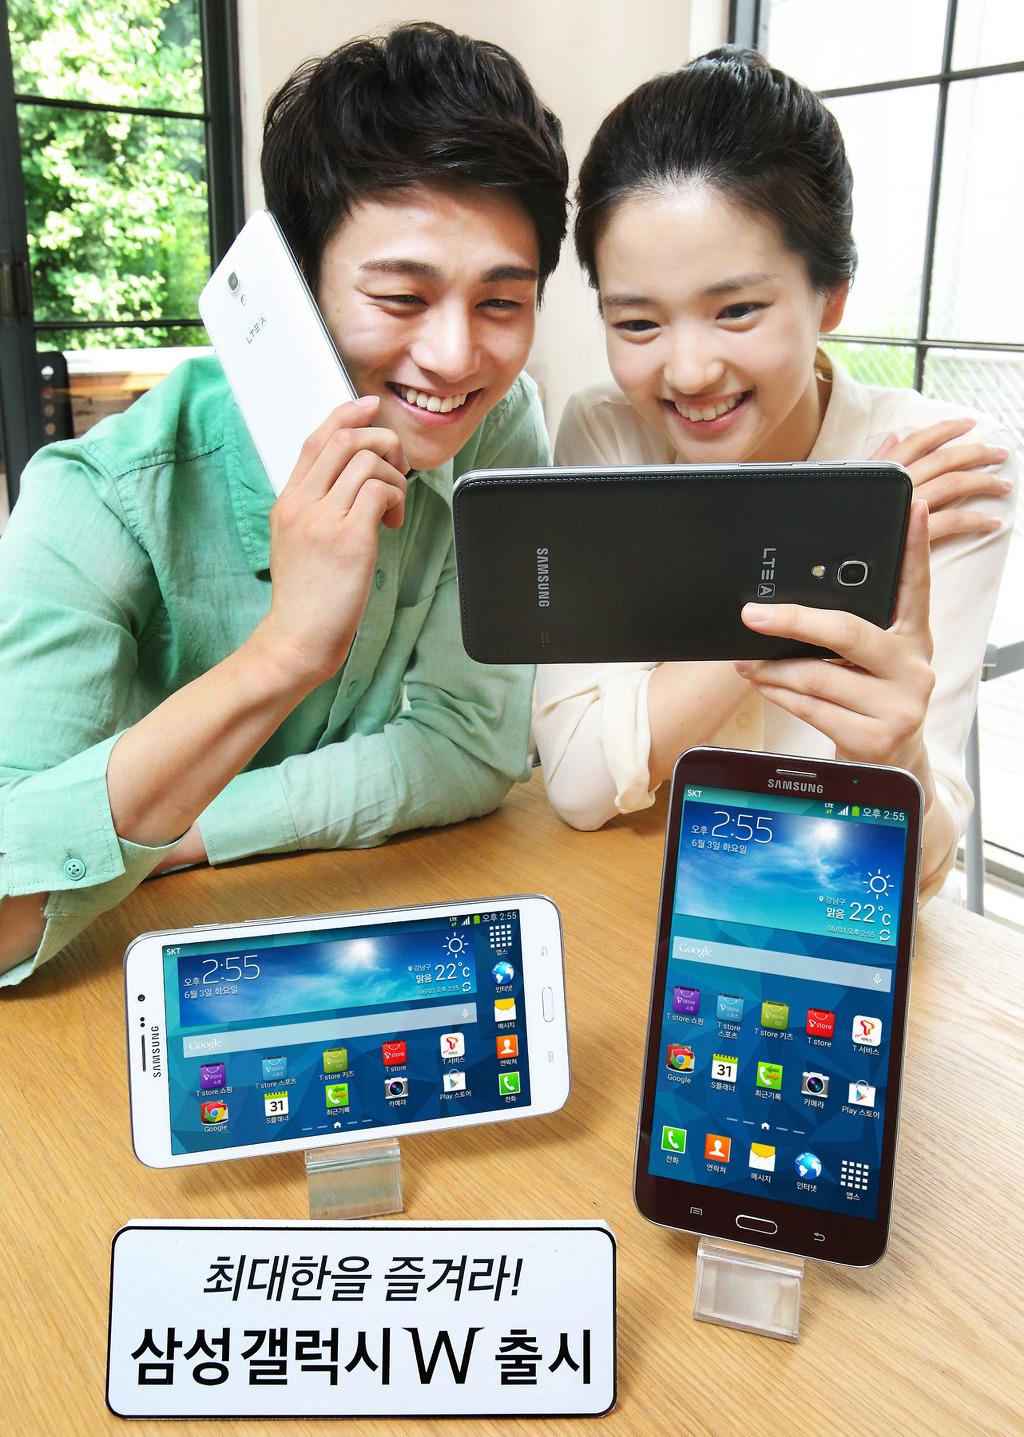 갤럭시W, 삼성전자, 삼성, 갤럭시, 대형 갤럭시, 패블릿, 대형 스마트폰,